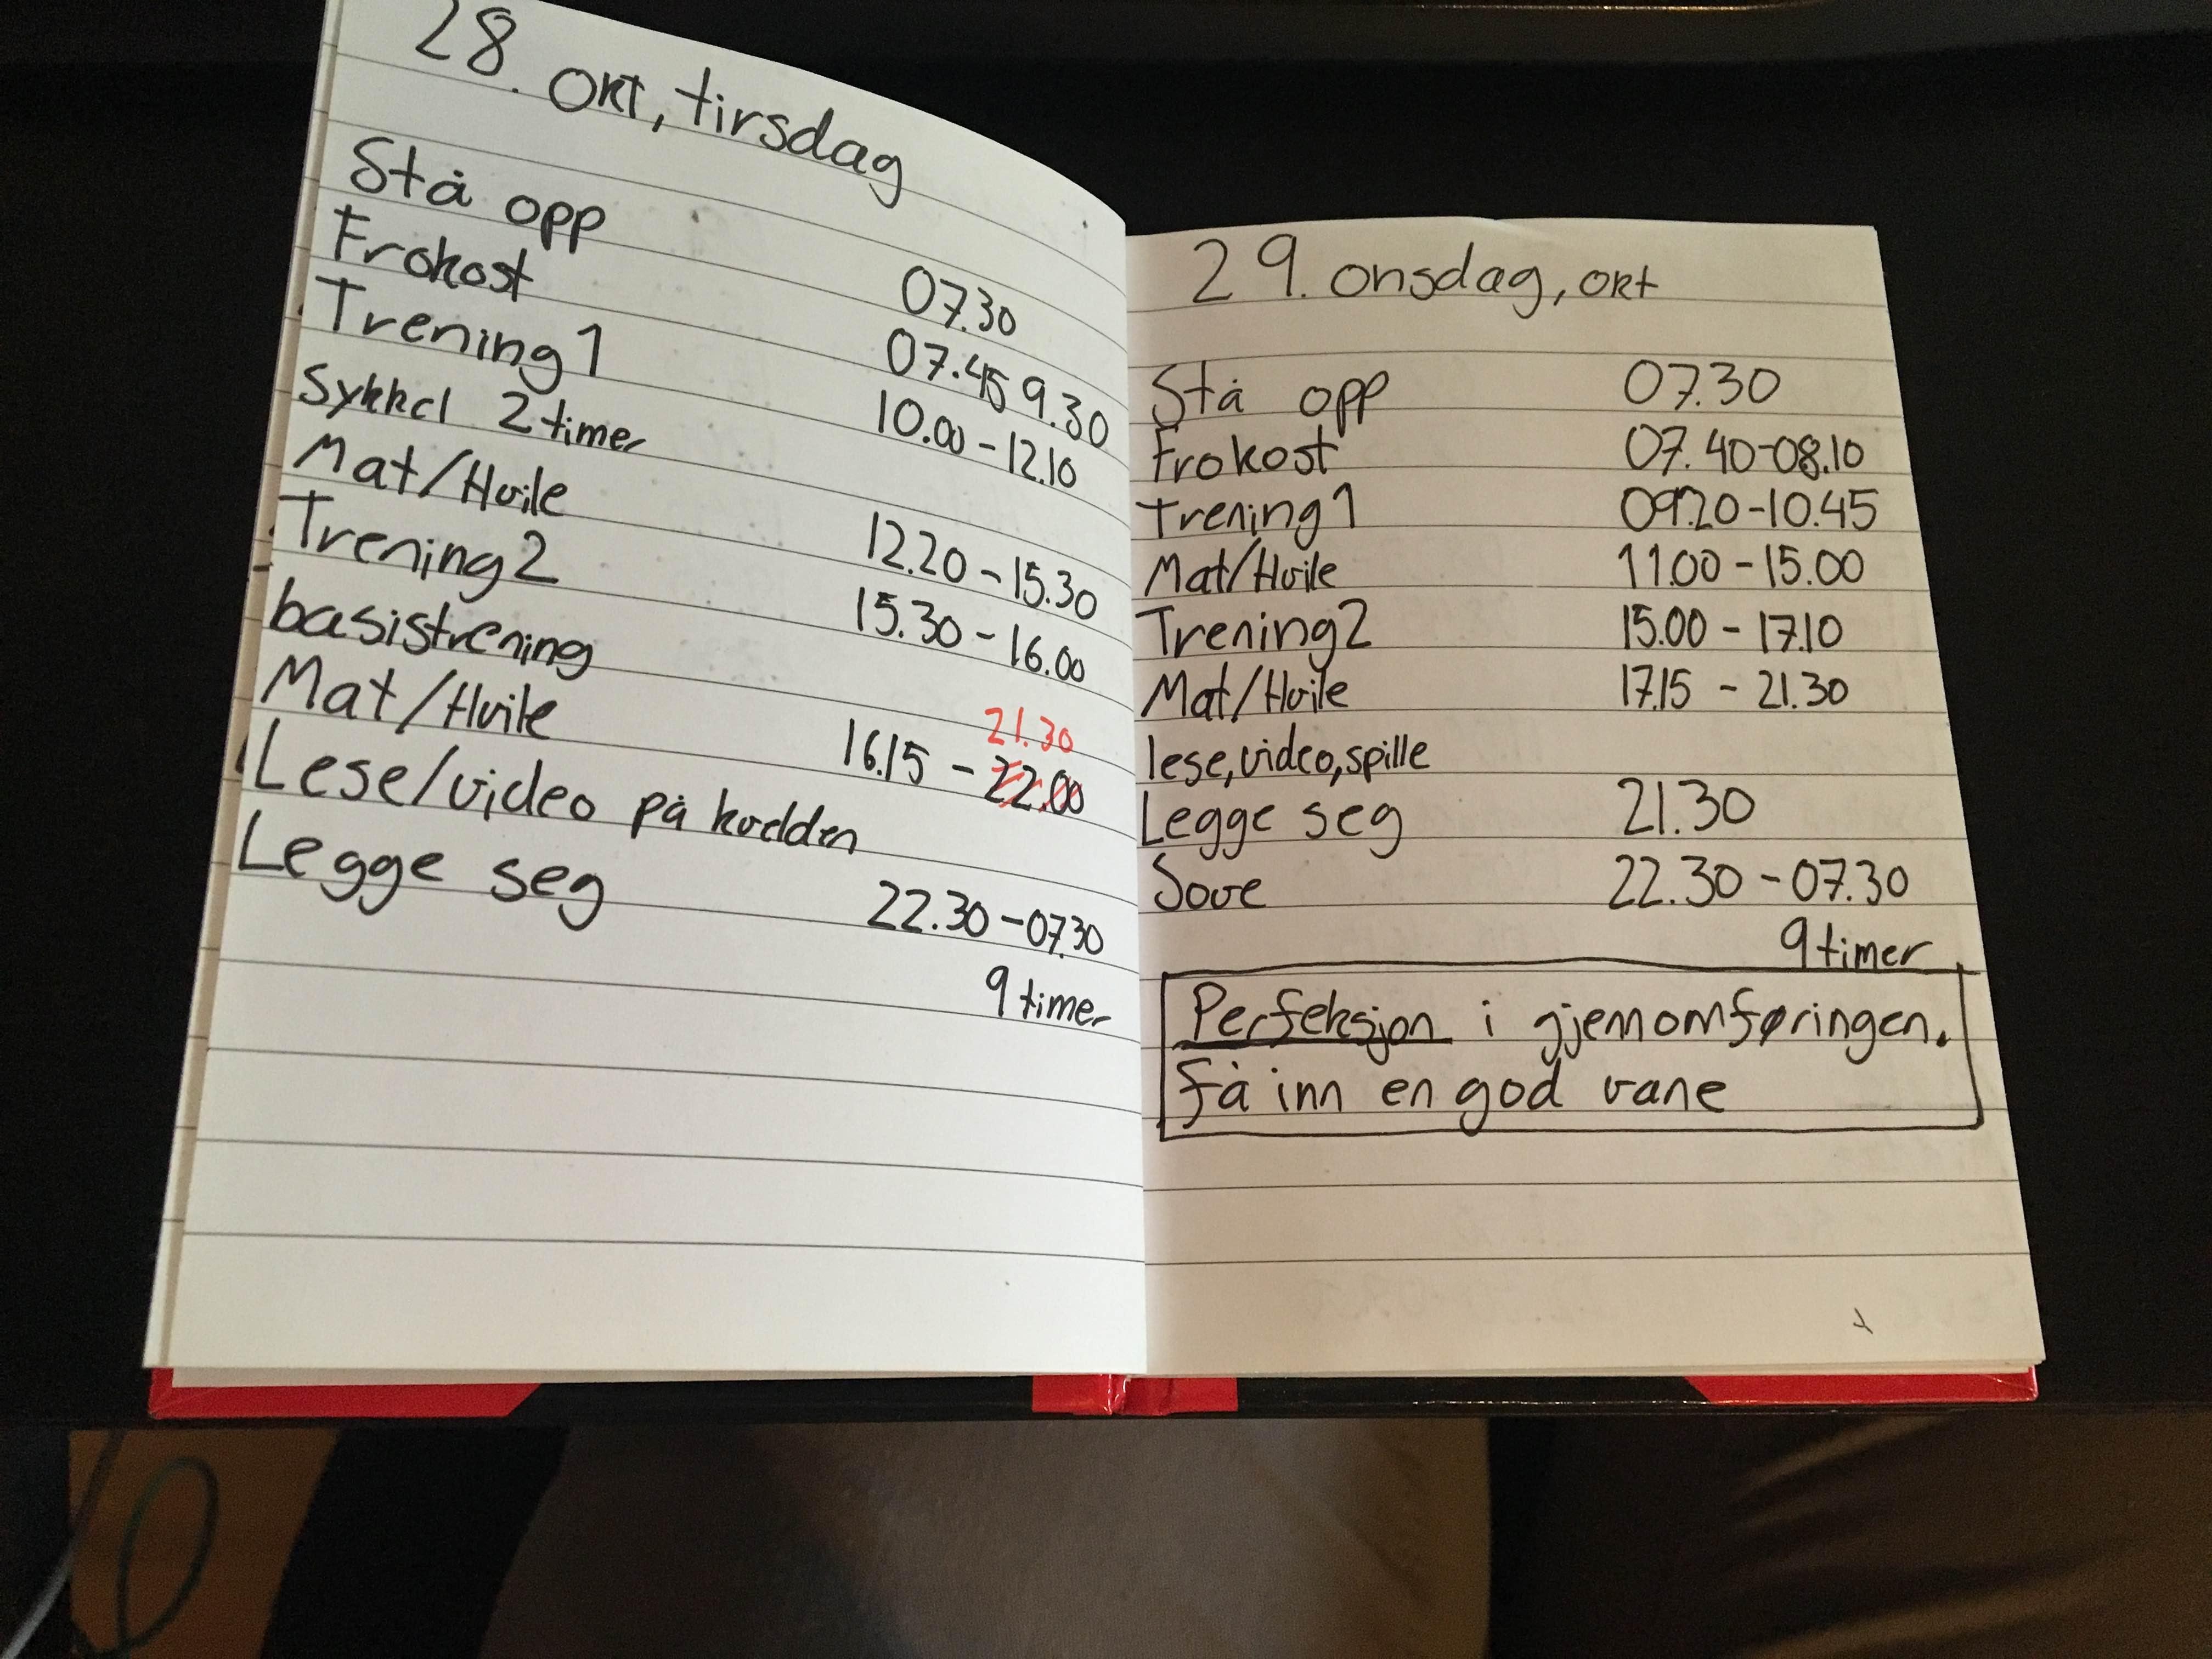 En av mange dager hvor man optimaliserer hverdagen. (Foto: ANDREAS)